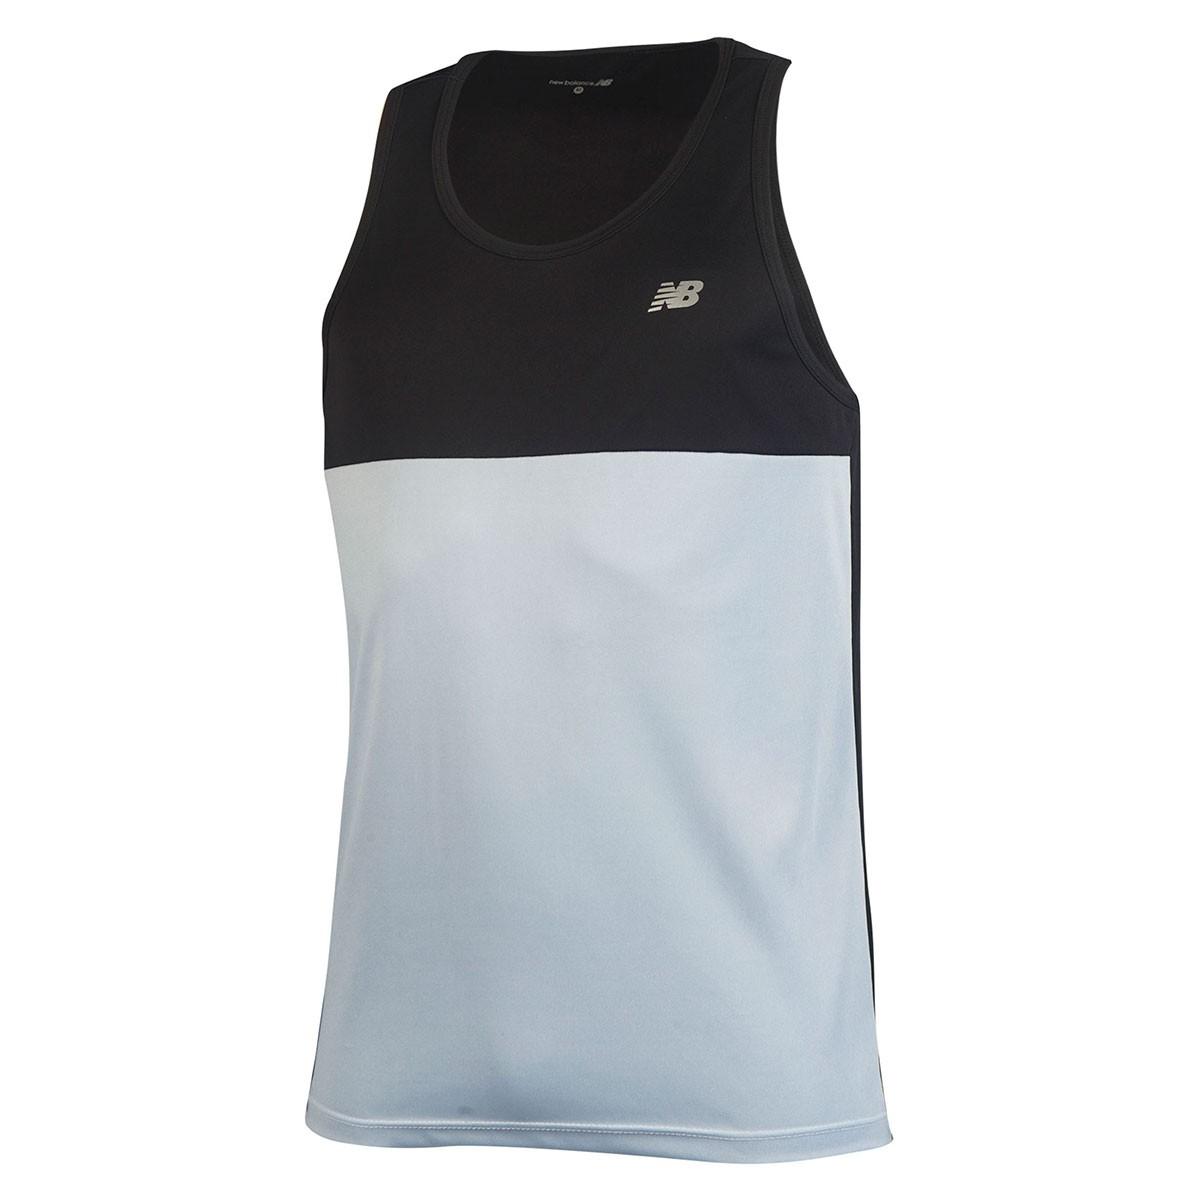 Camiseta Regata New Balance Masculino - Preto